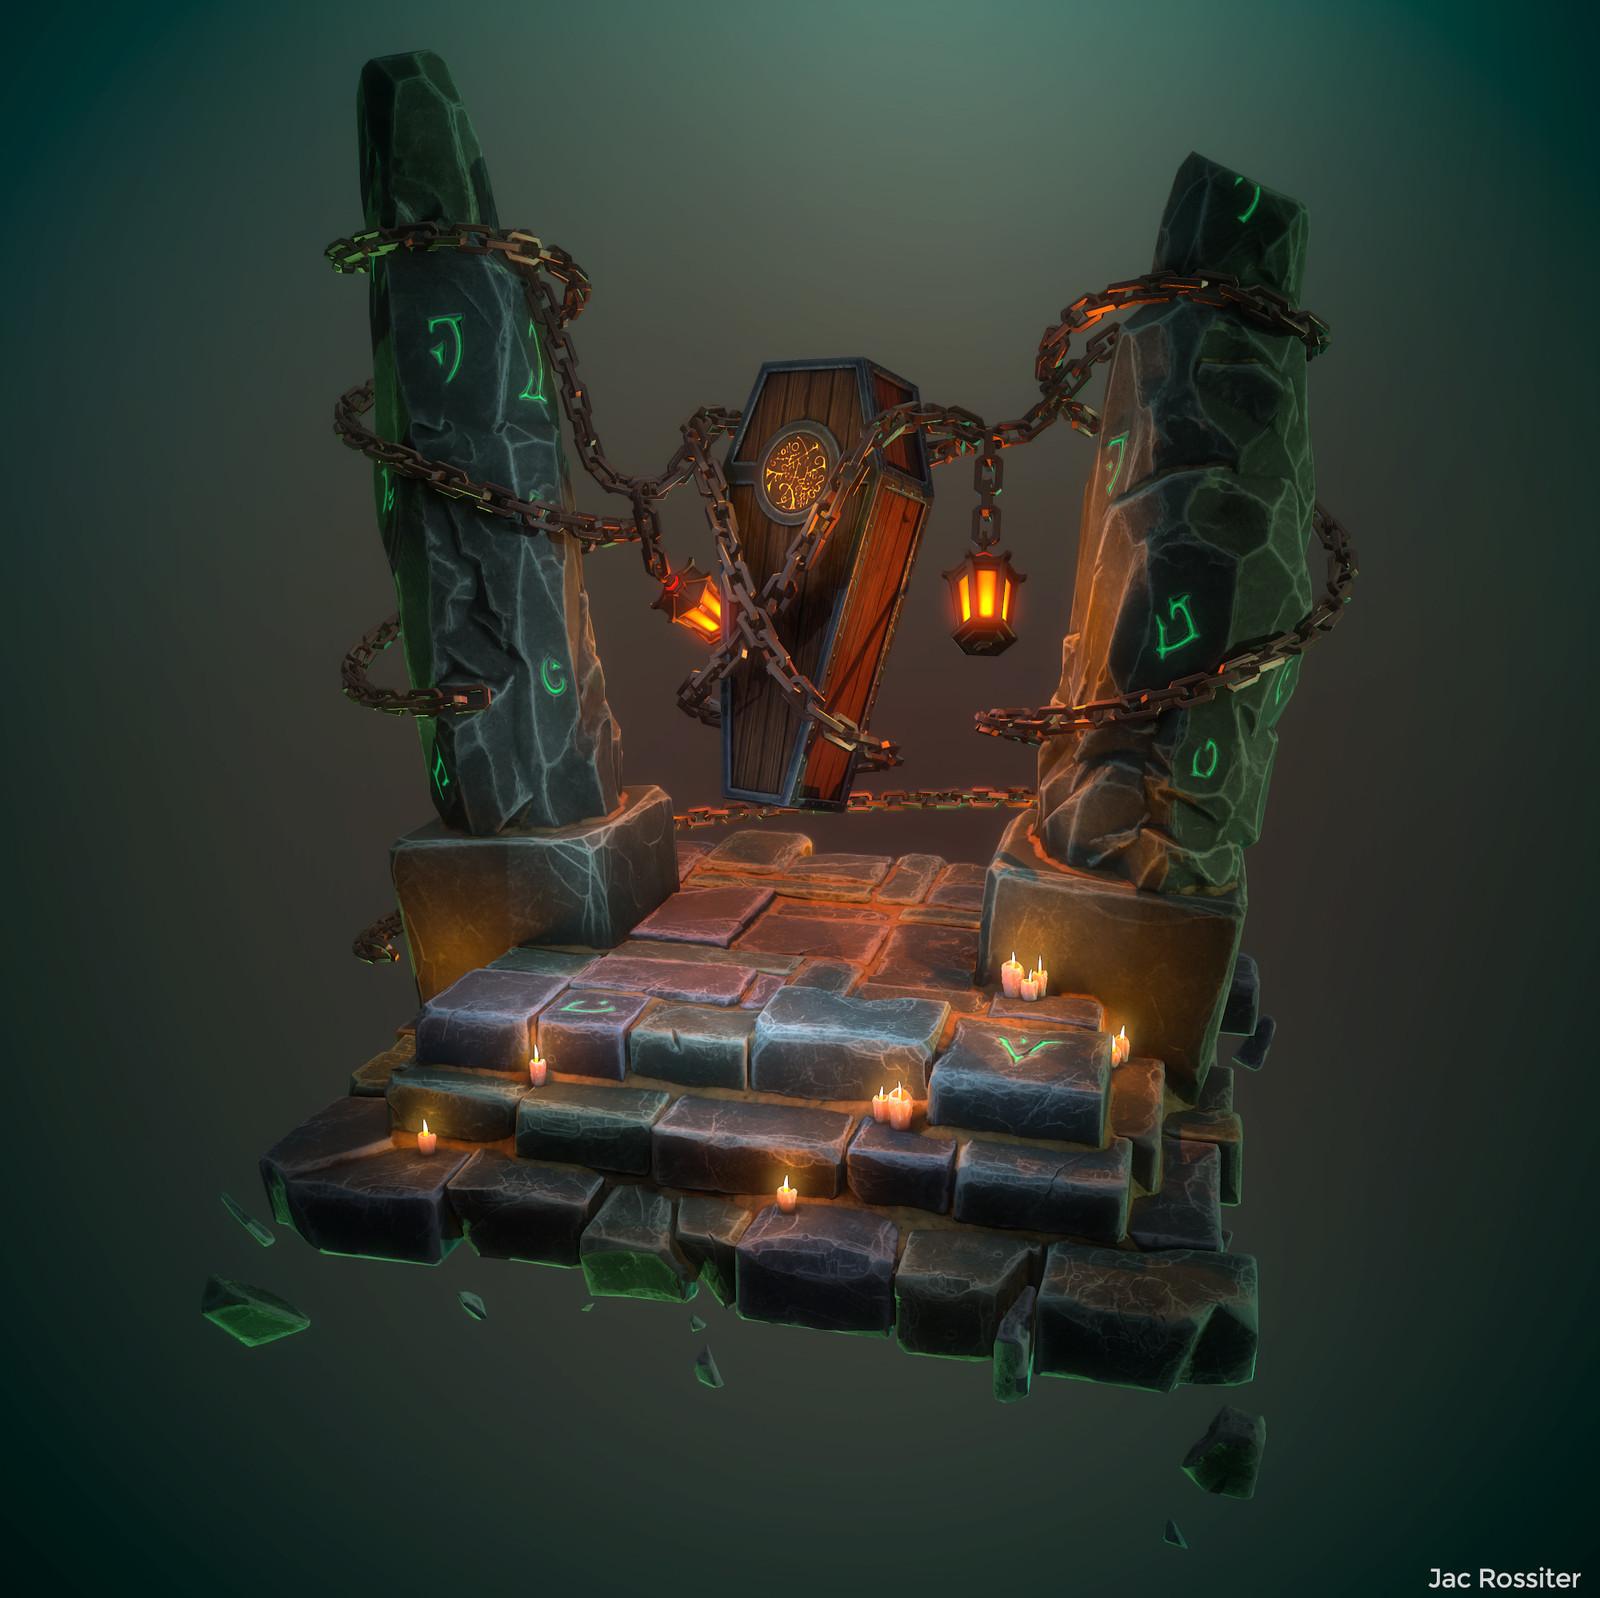 The Beast's Awakening - Stylised Diorama